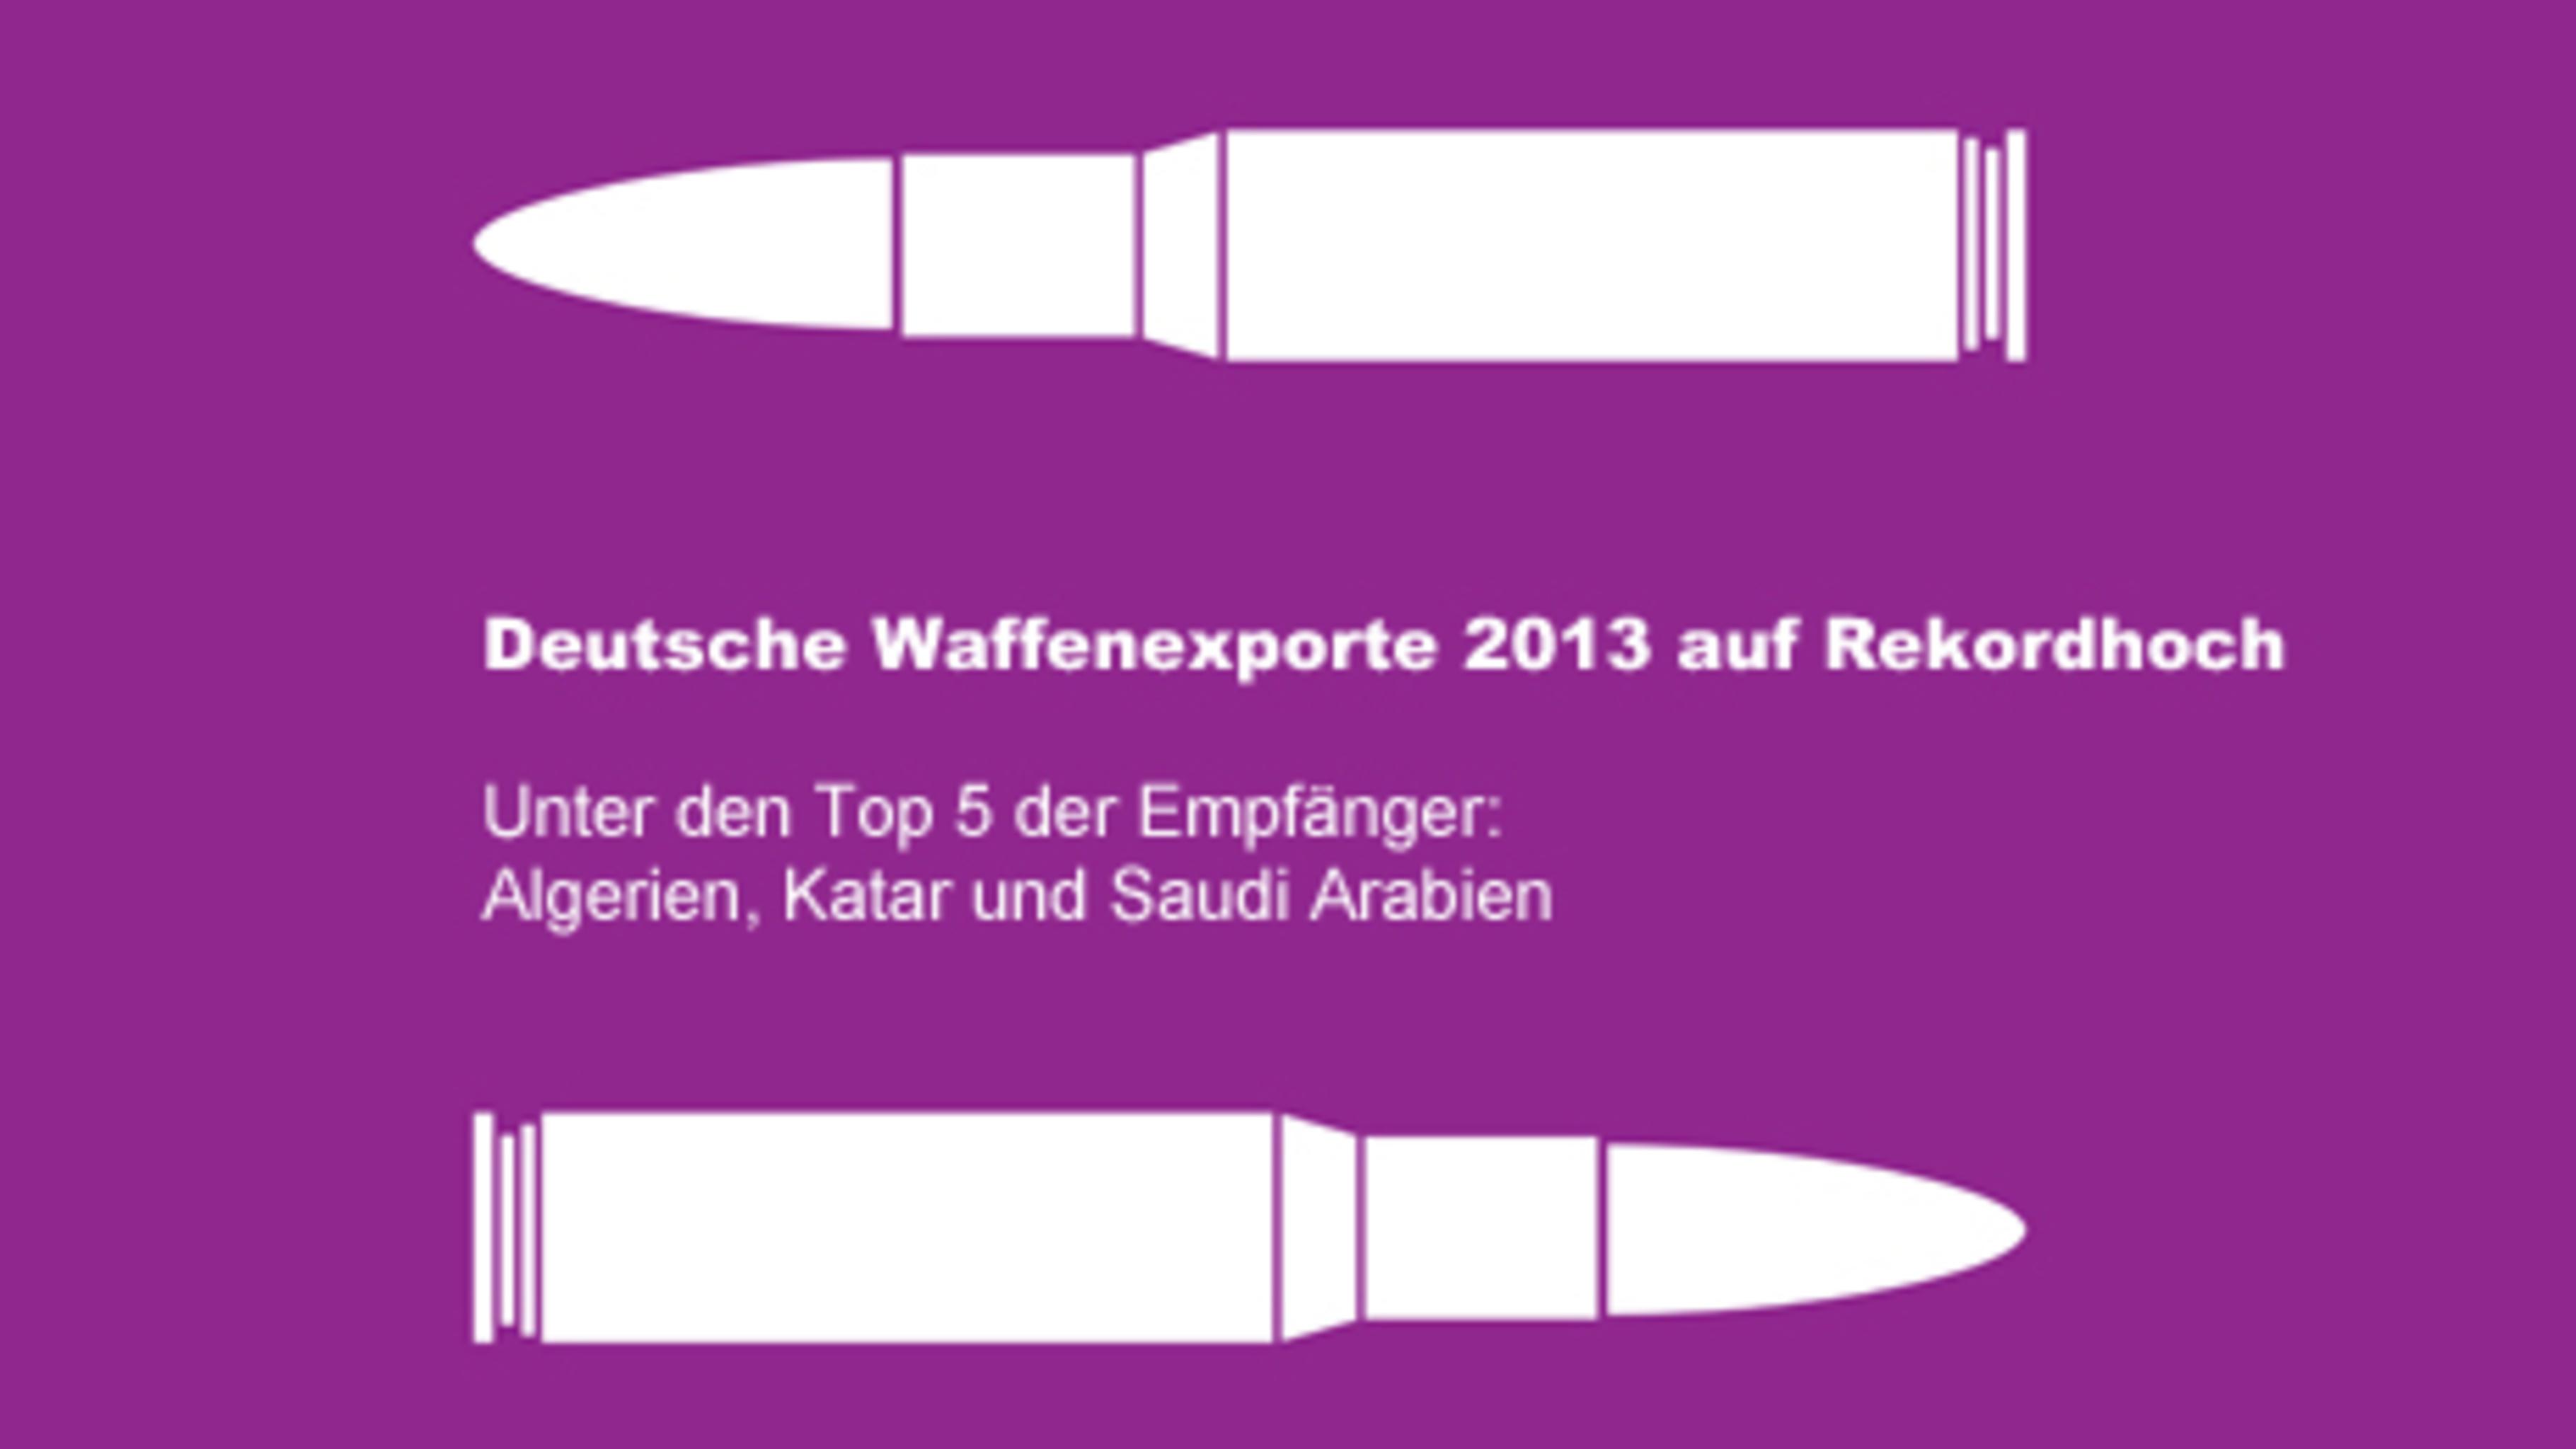 Weltmeisterverdächtig: Deutsche Waffenexporte 2013 auf Rekordhoch